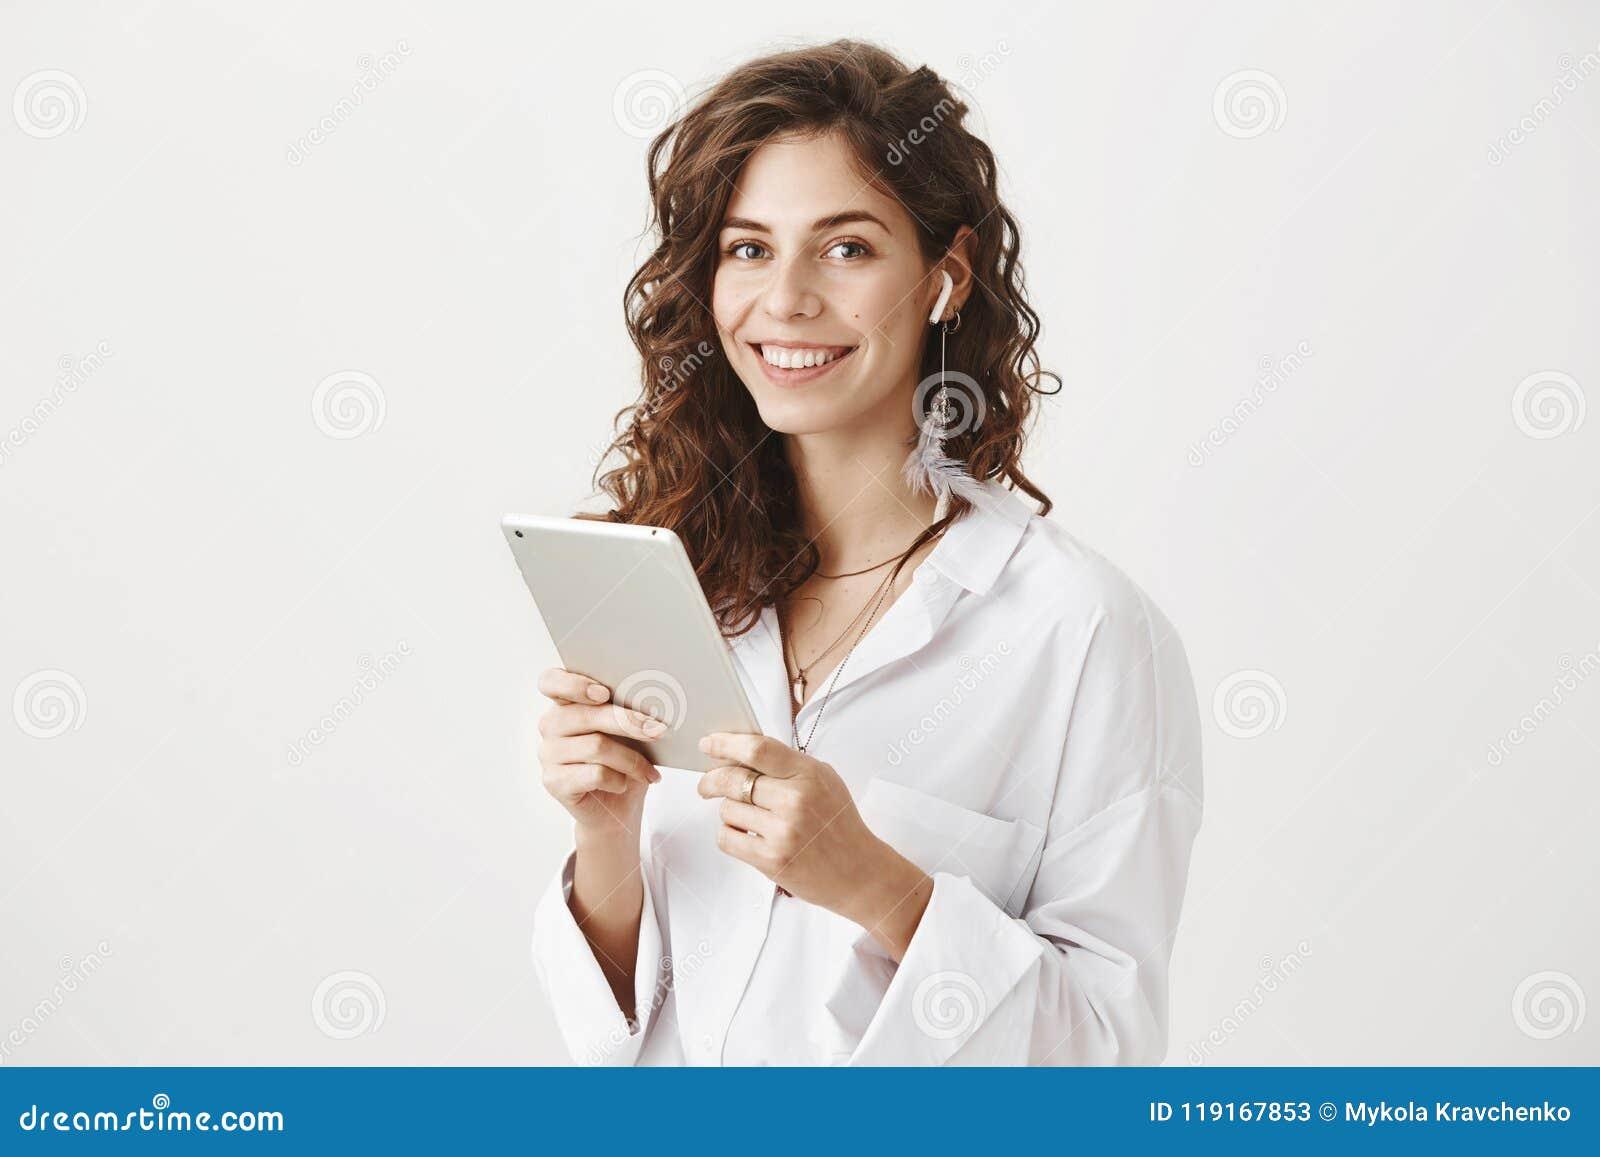 Πορτρέτο της θετικής και επιτυχούς καυκάσιας θηλυκής ταμπλέτας εκμετάλλευσης, μουσική ακούσματος στα ασύρματα earbuds, χαμόγελο